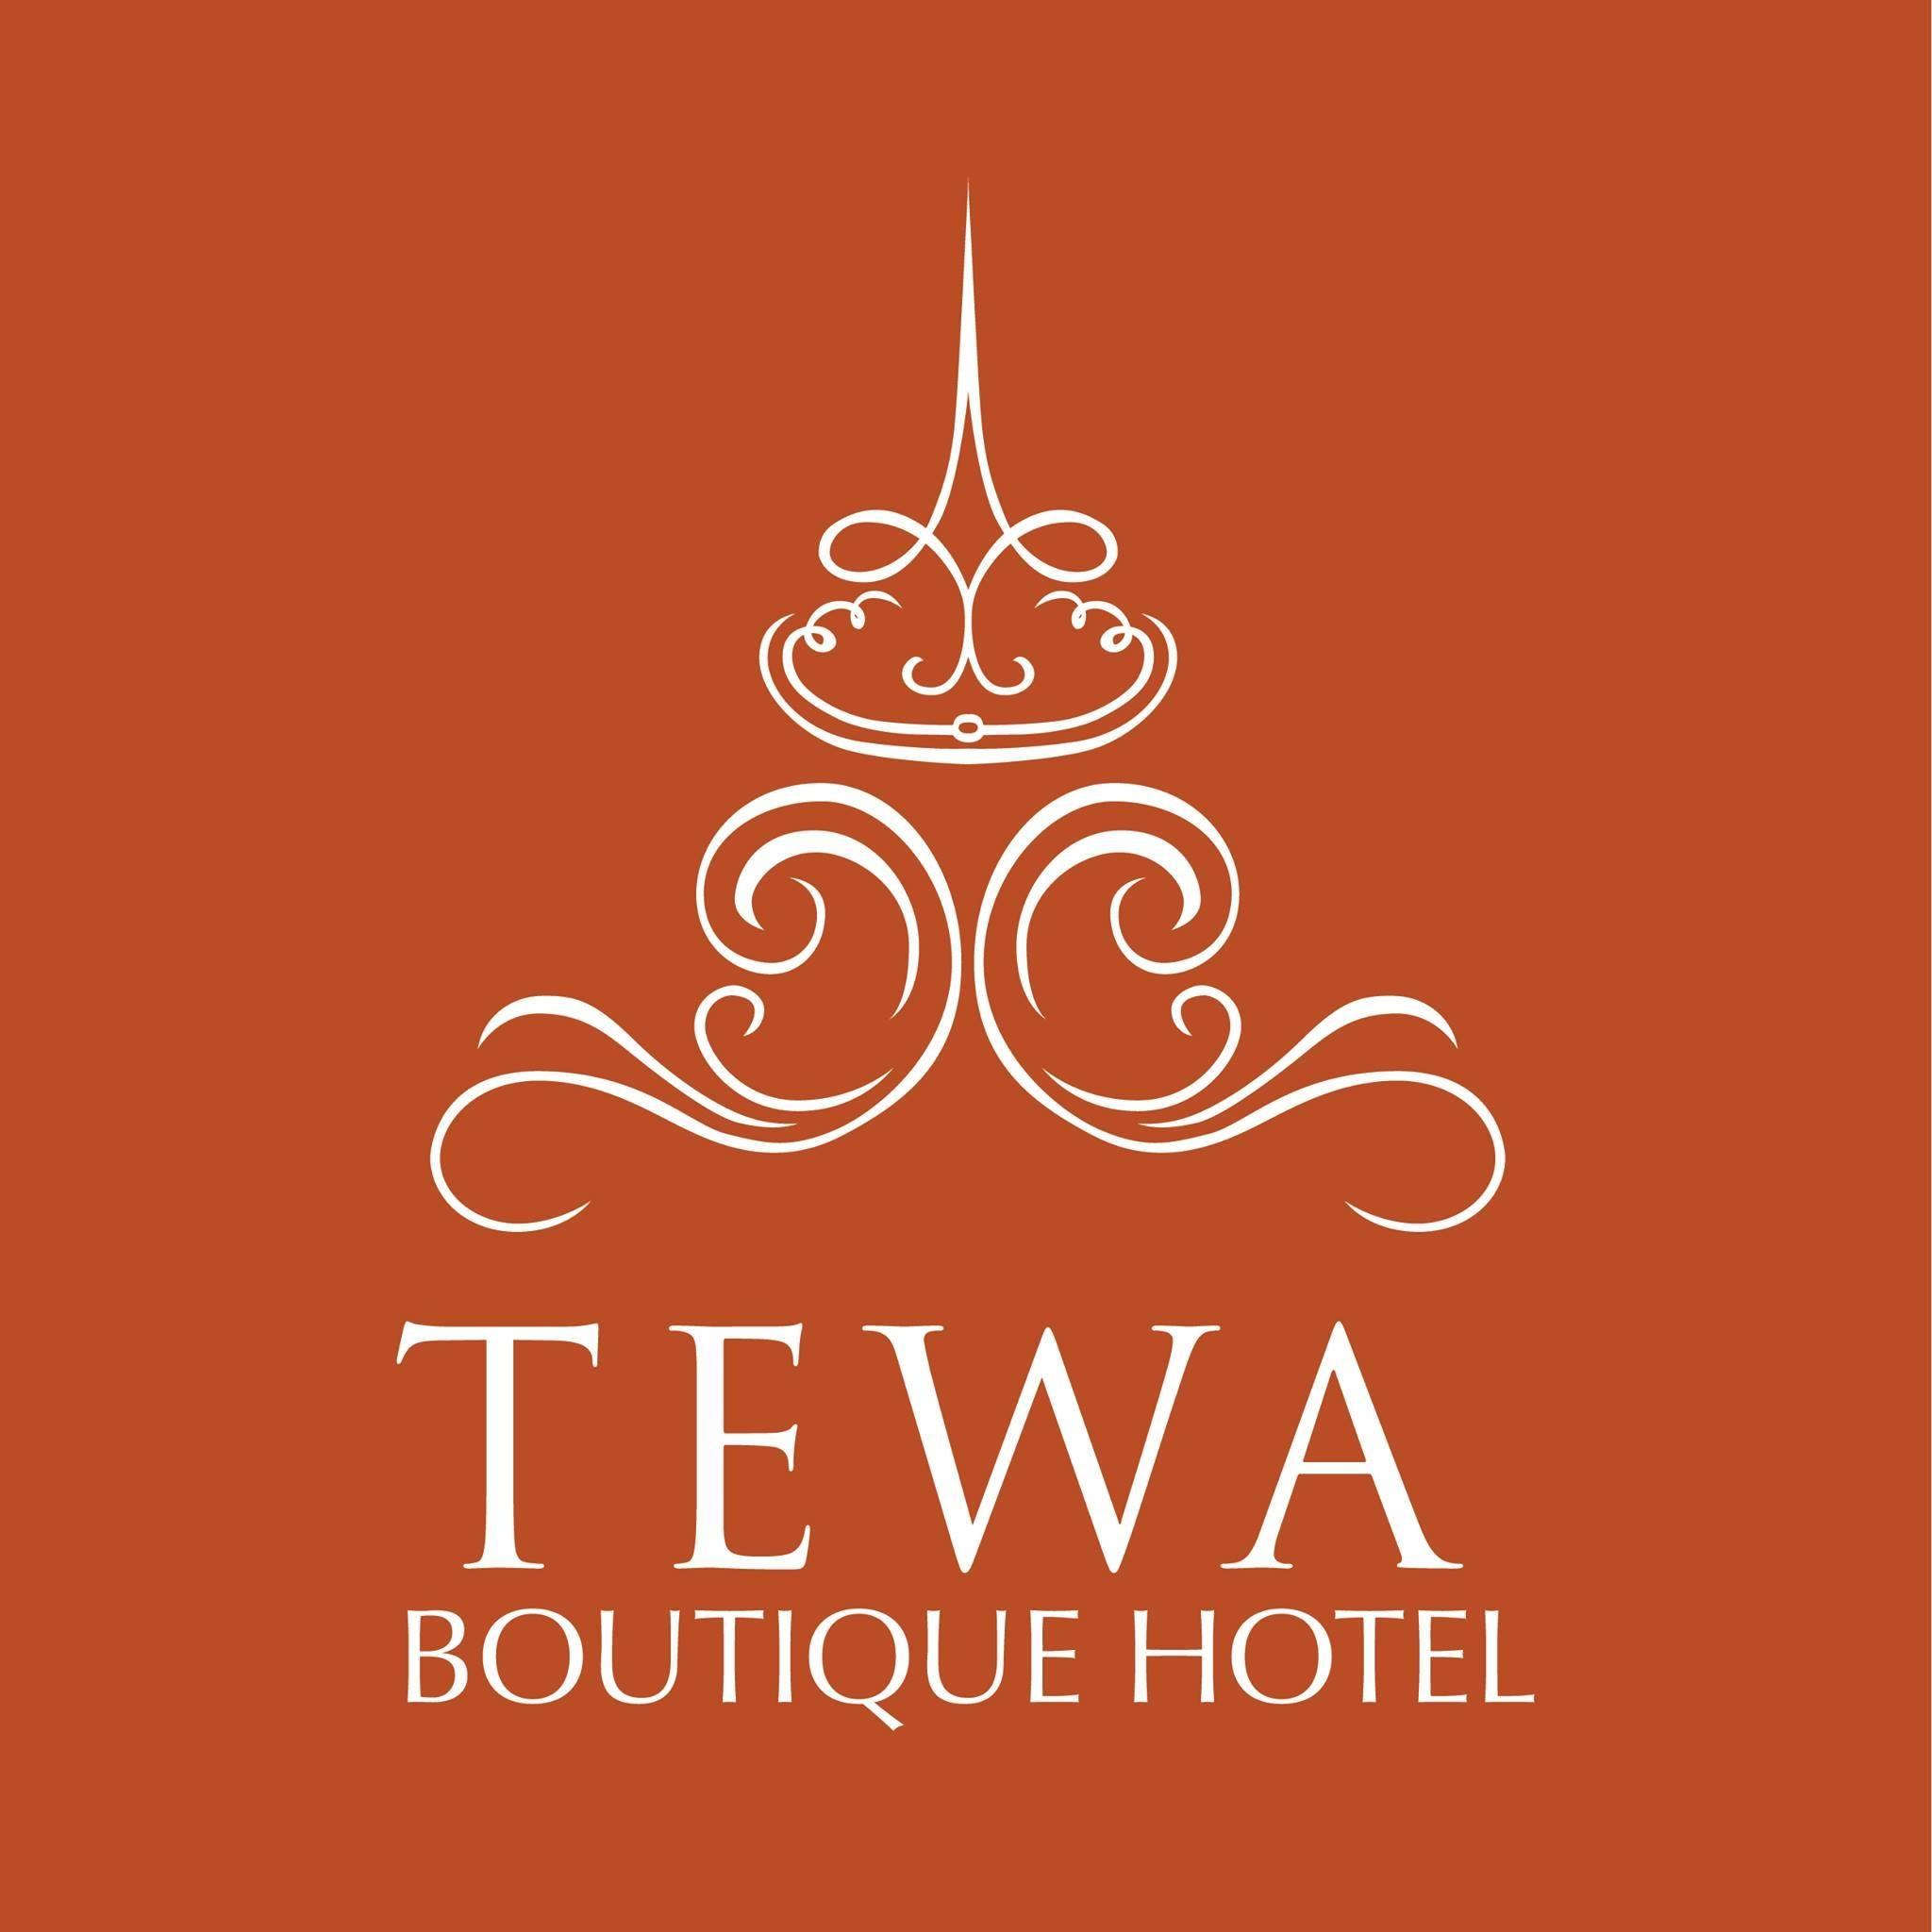 Tewa Boutique Hotel